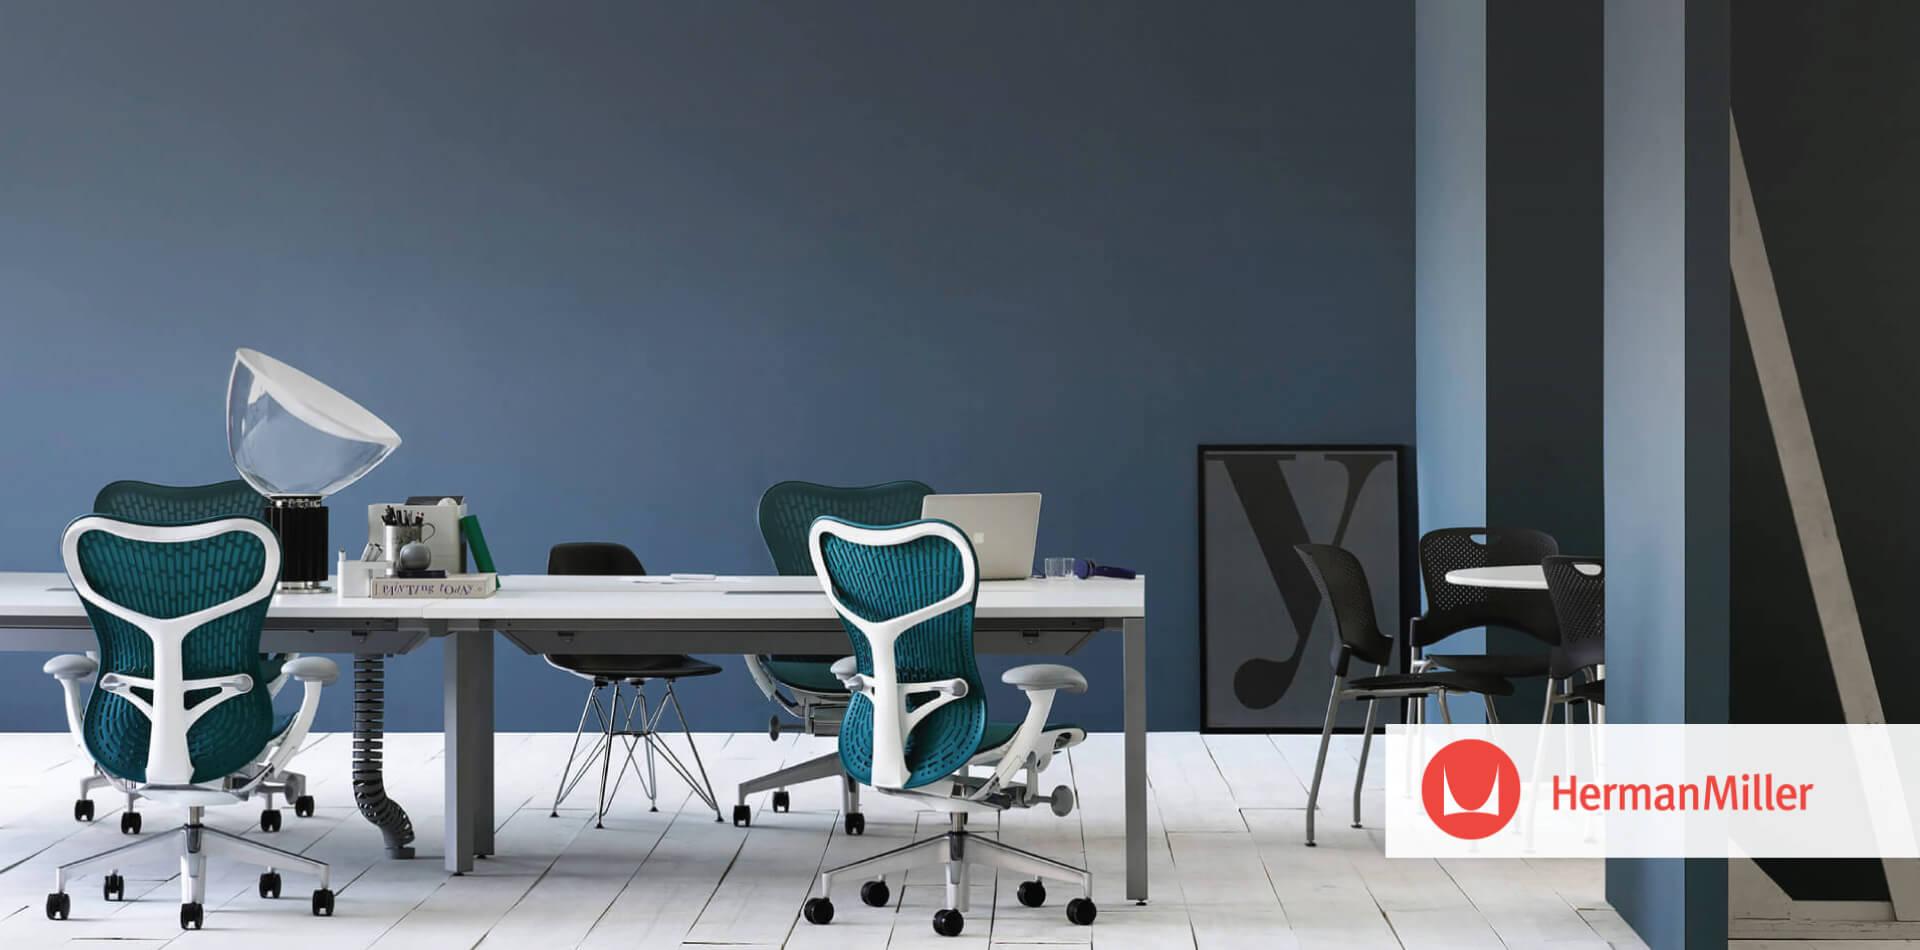 Modern workplace interior design